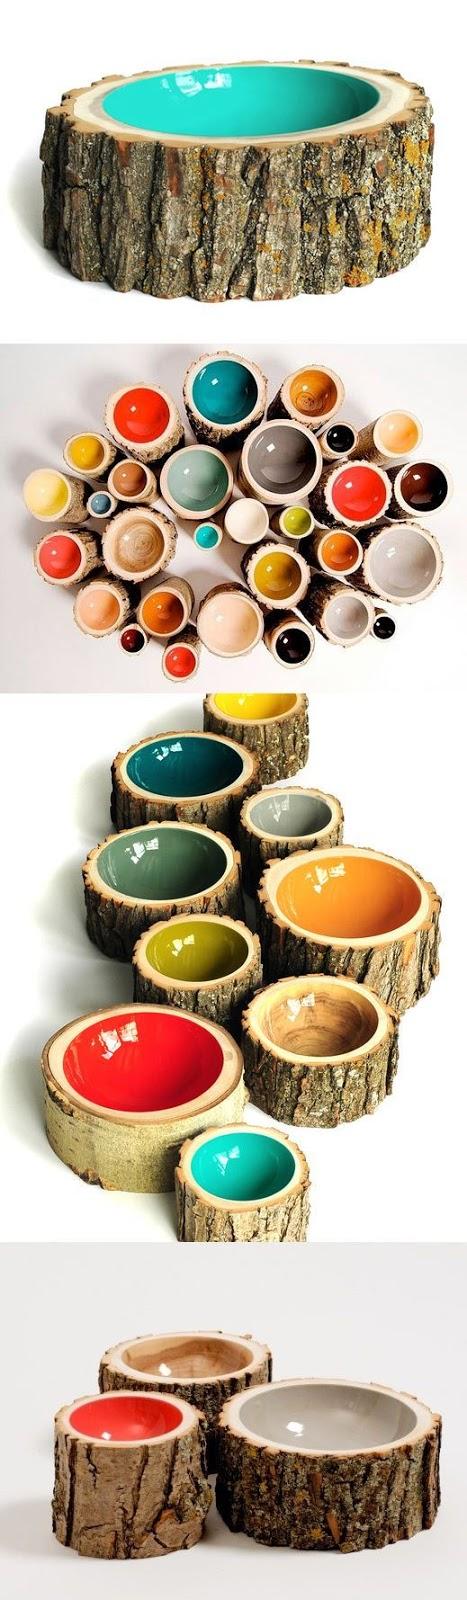 Tree Log Bowls